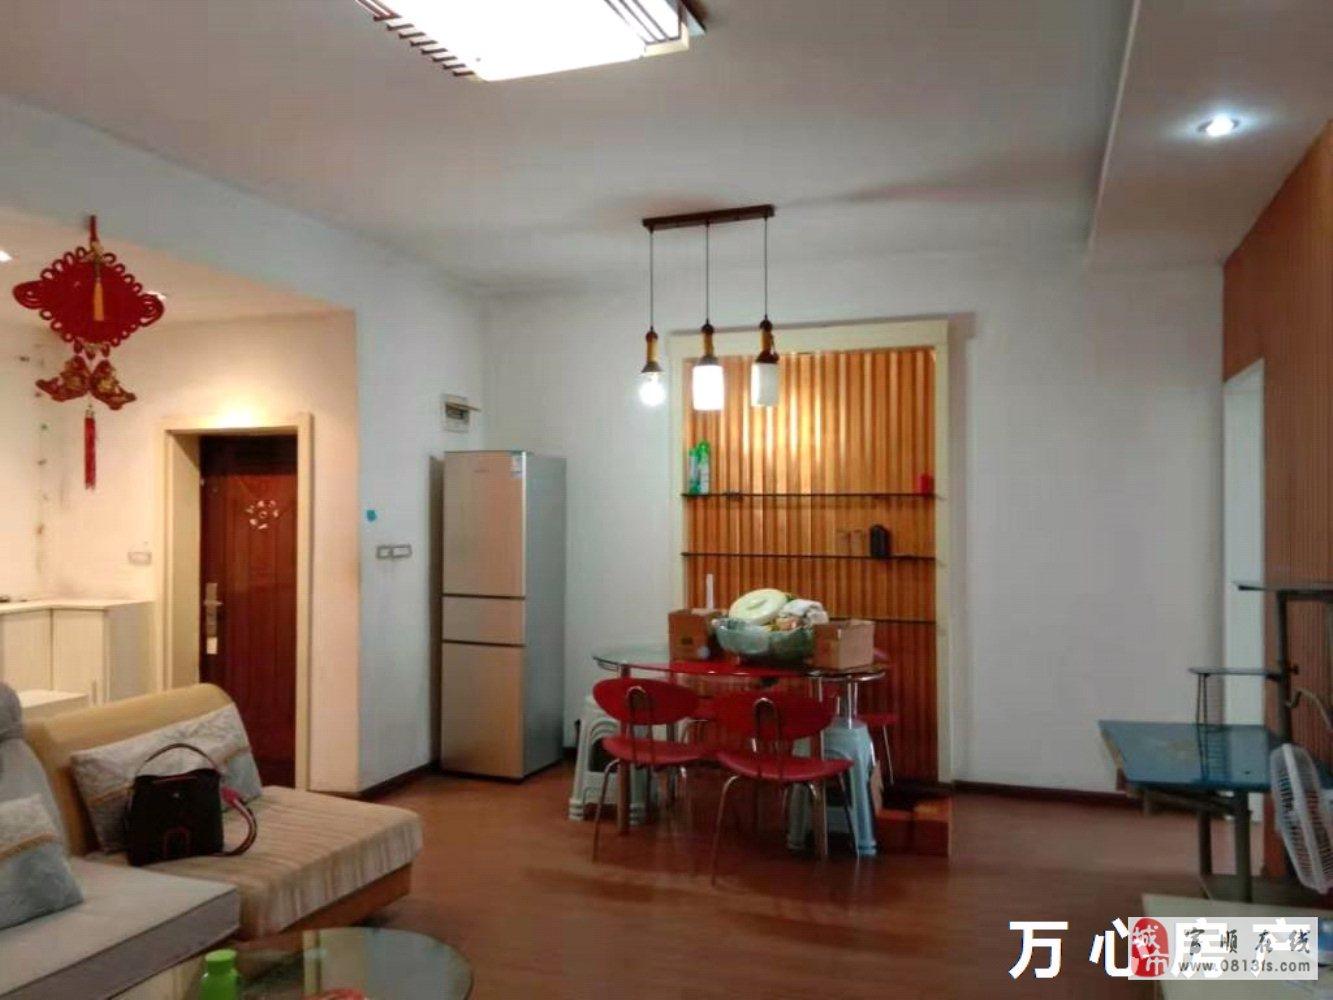 吉安宾馆旁3室2厅1卫精装房仅售价35万元